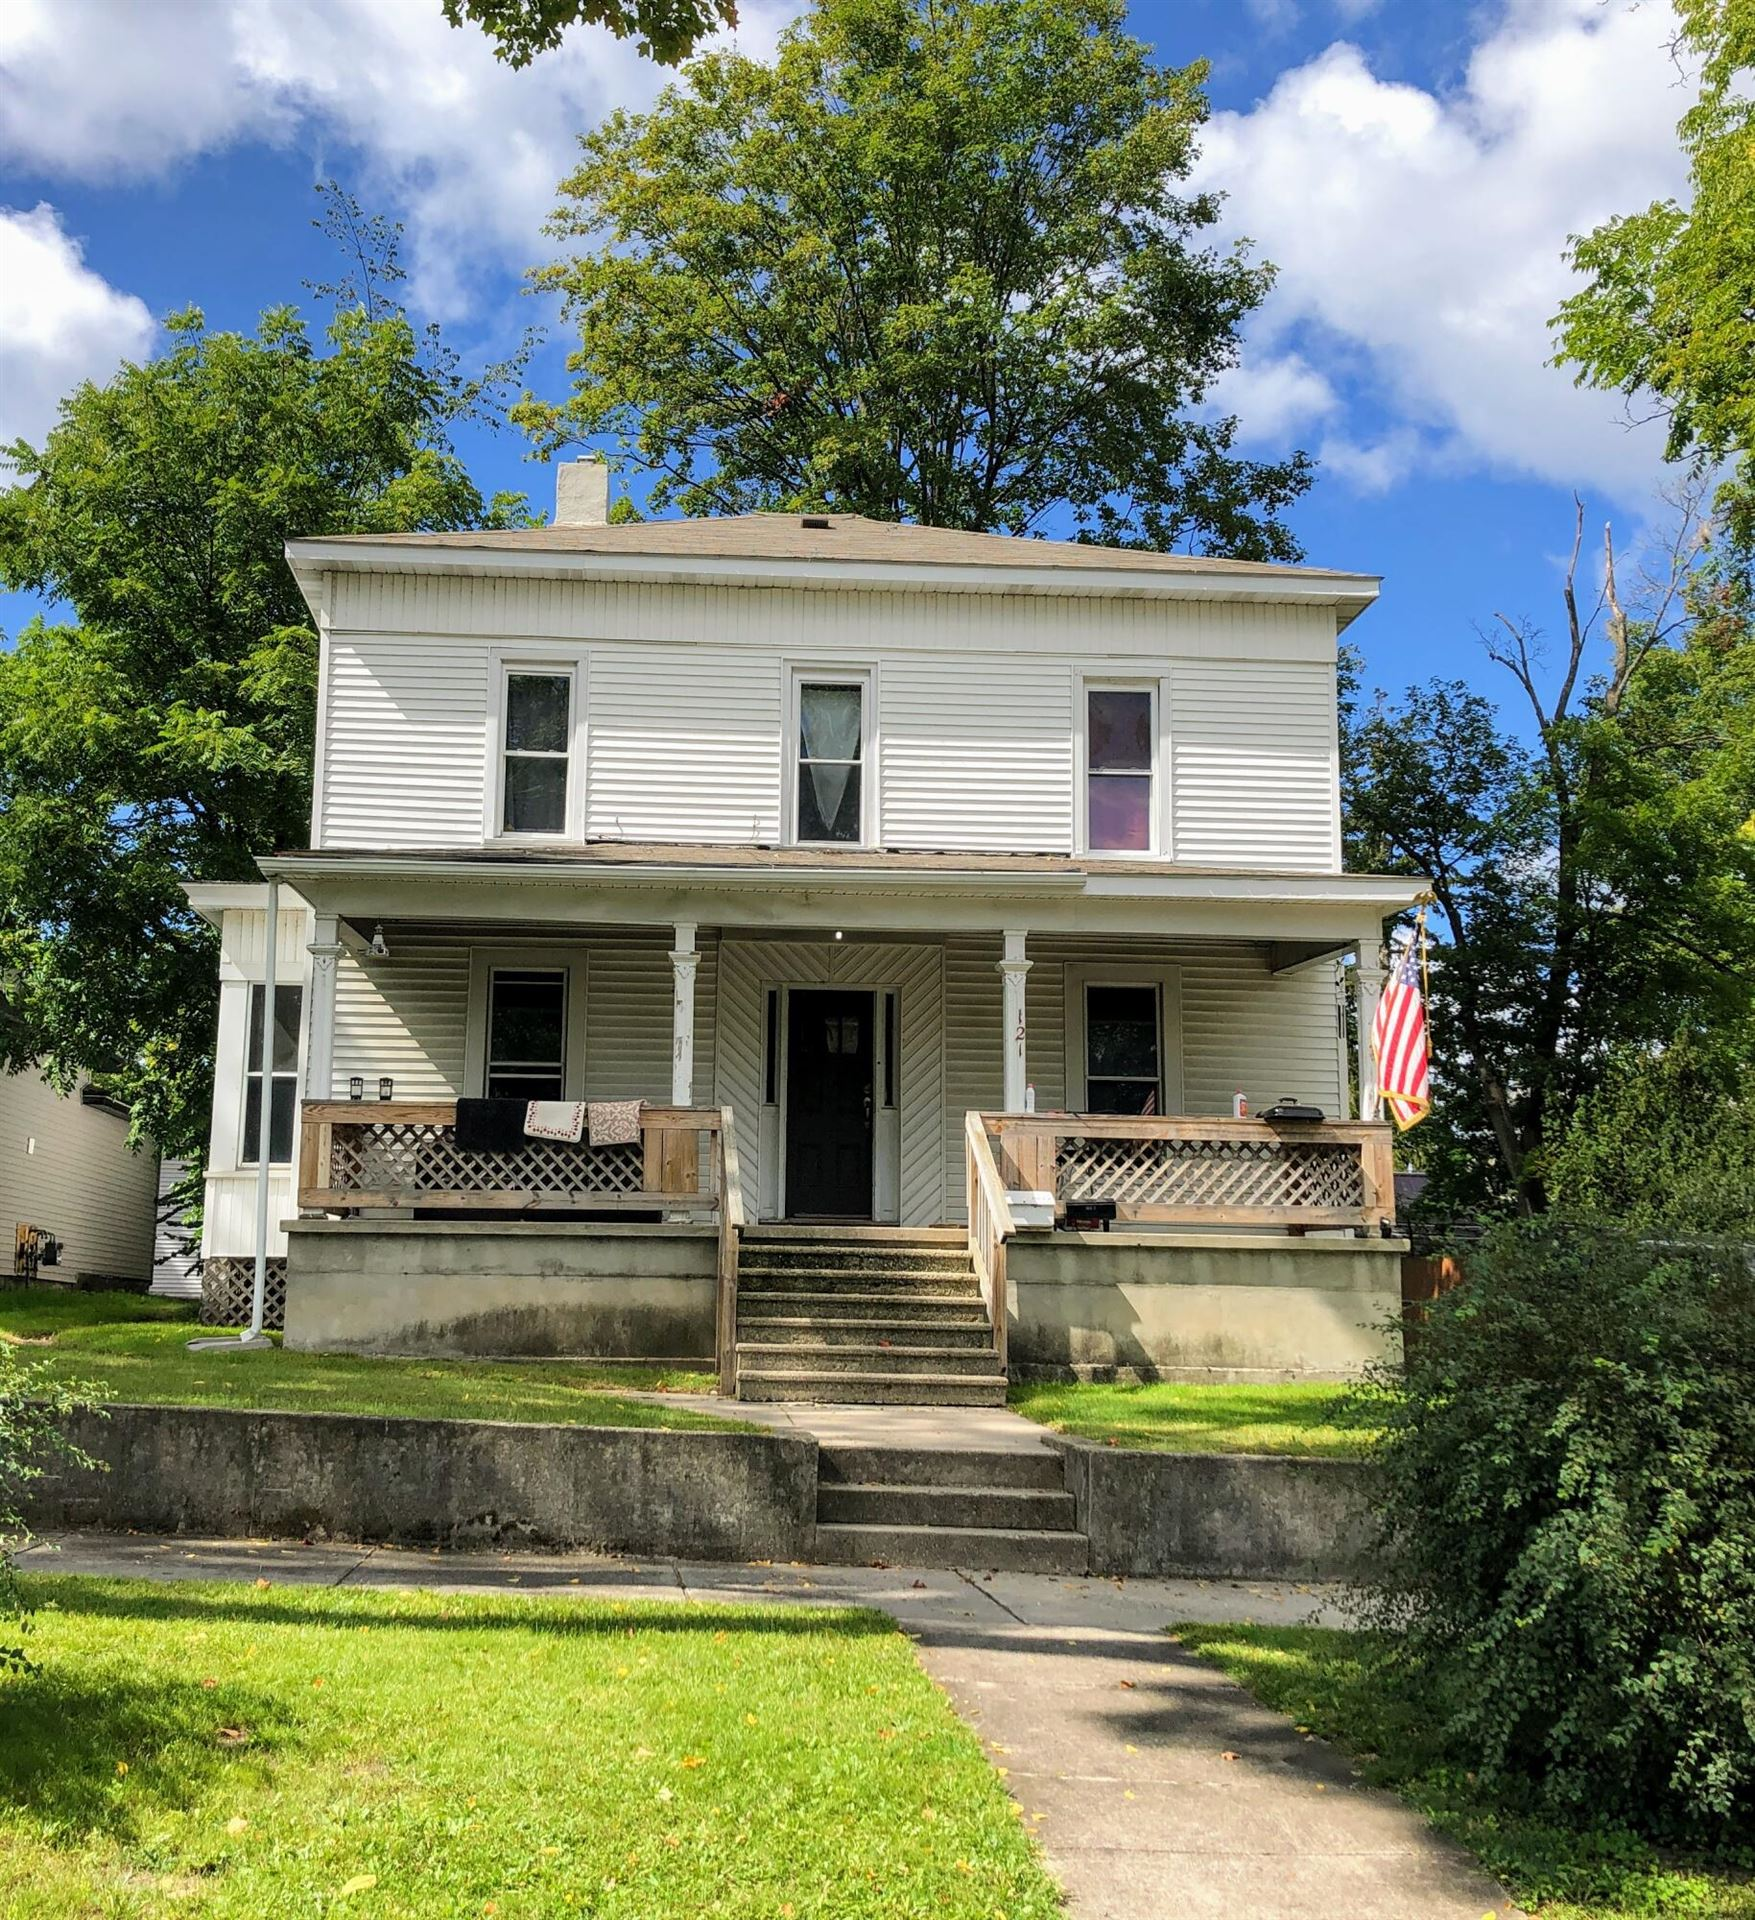 121 N Stewart Street, Big Rapids, MI 49307 - MLS#: 21105386